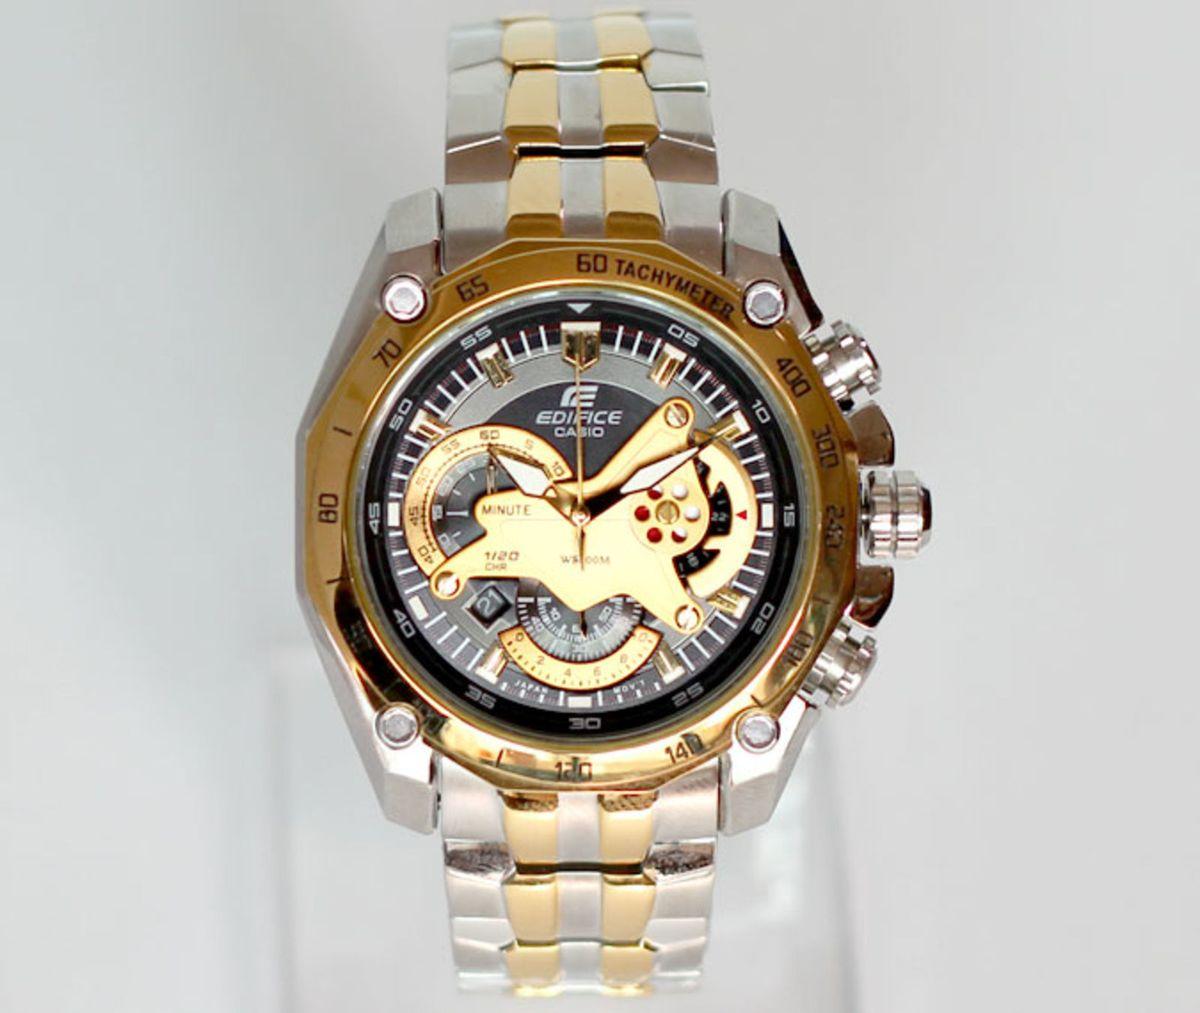 df89f3399e7 relógio casio edifice ef-550 preto pulseira mista - relógios casio edifice